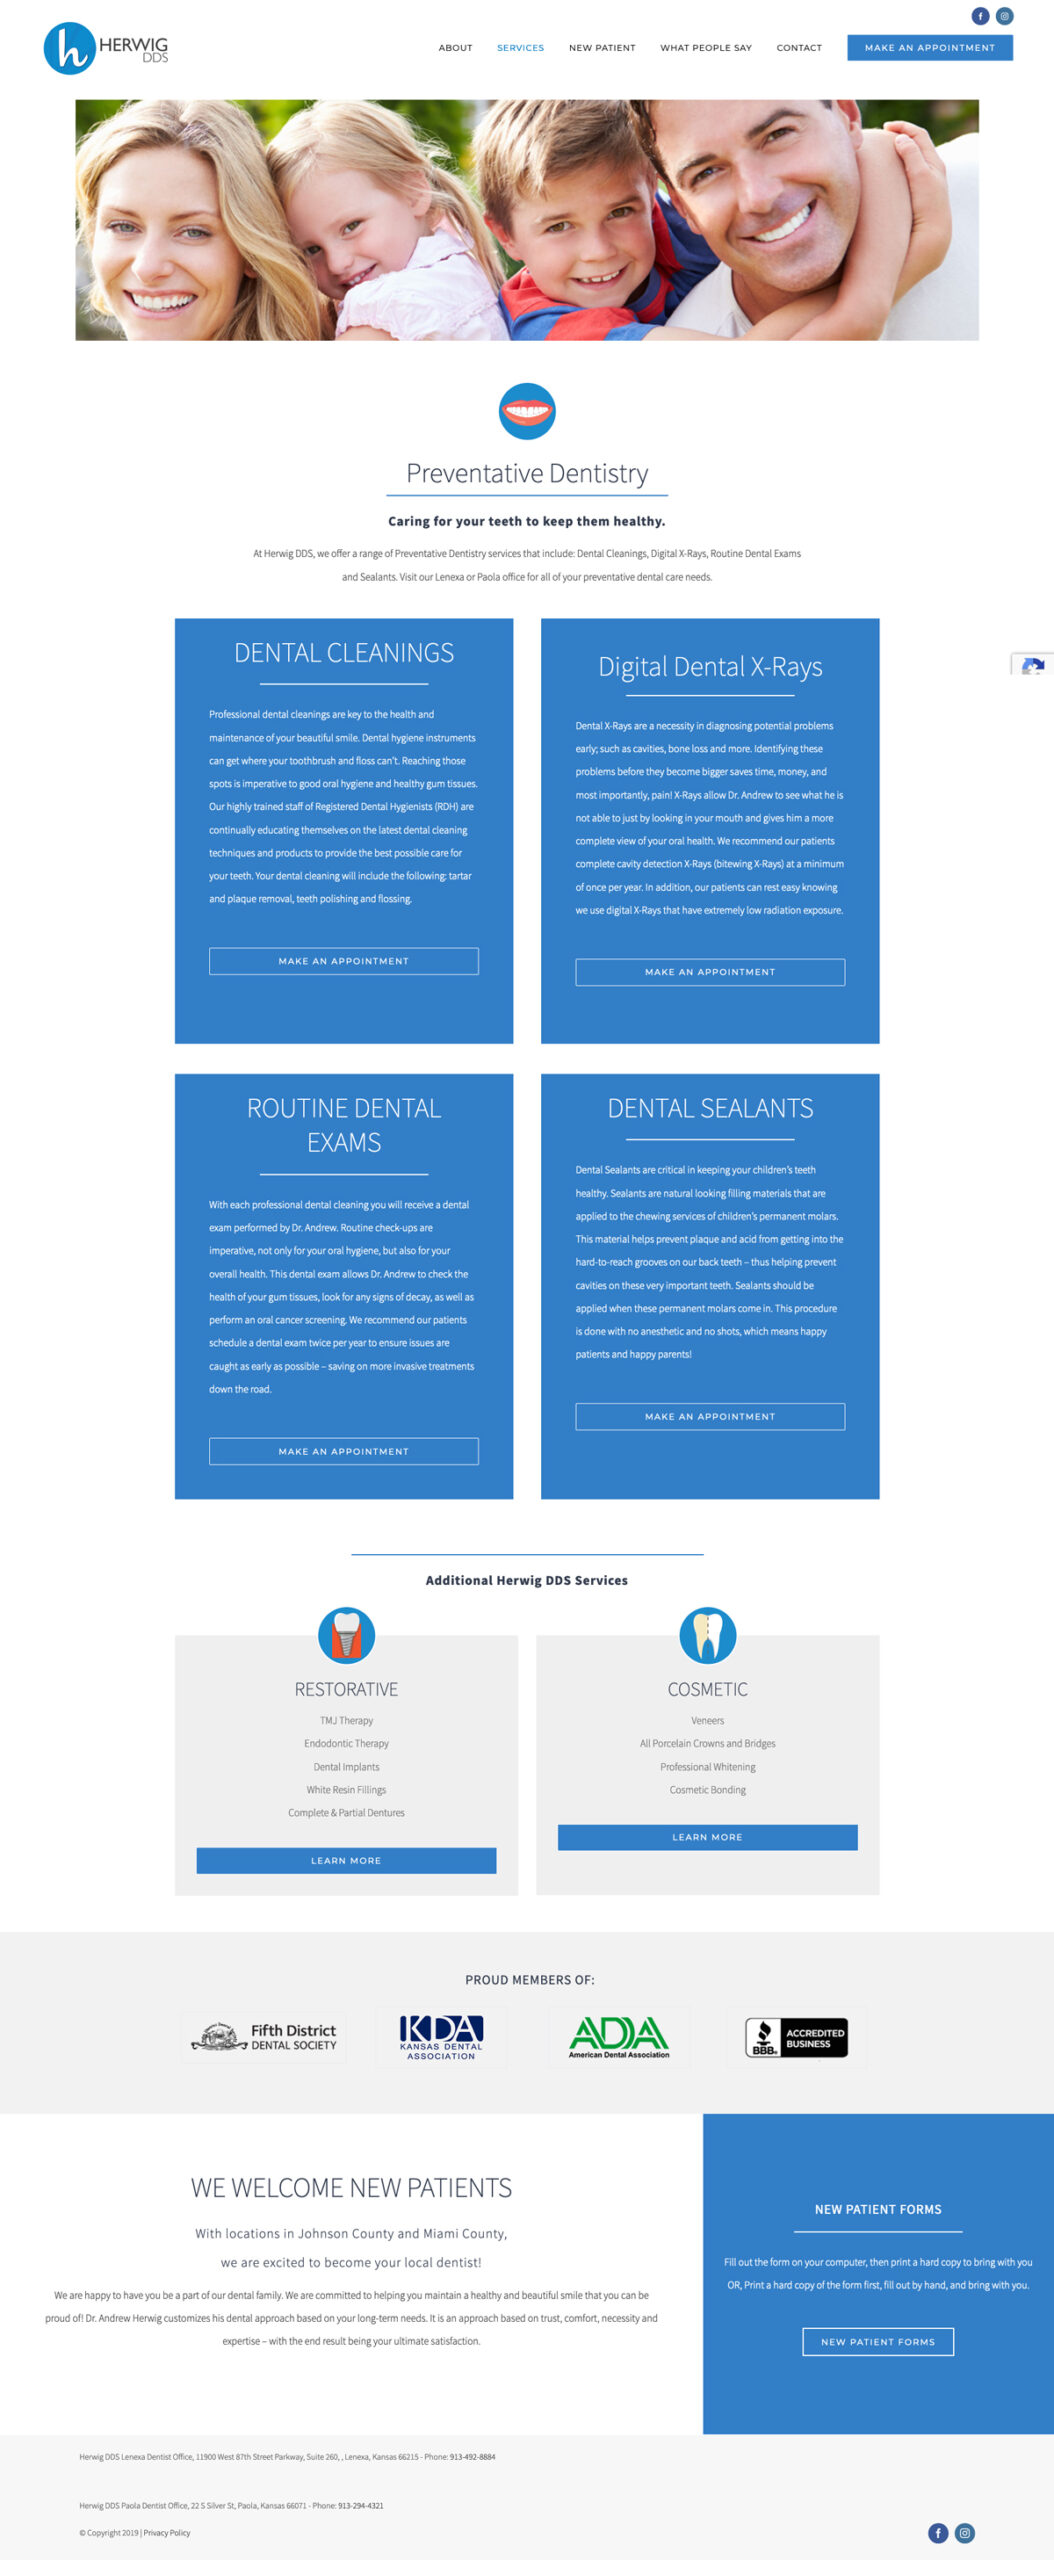 Web Design for Herwig, DDS Preventative Dentistry